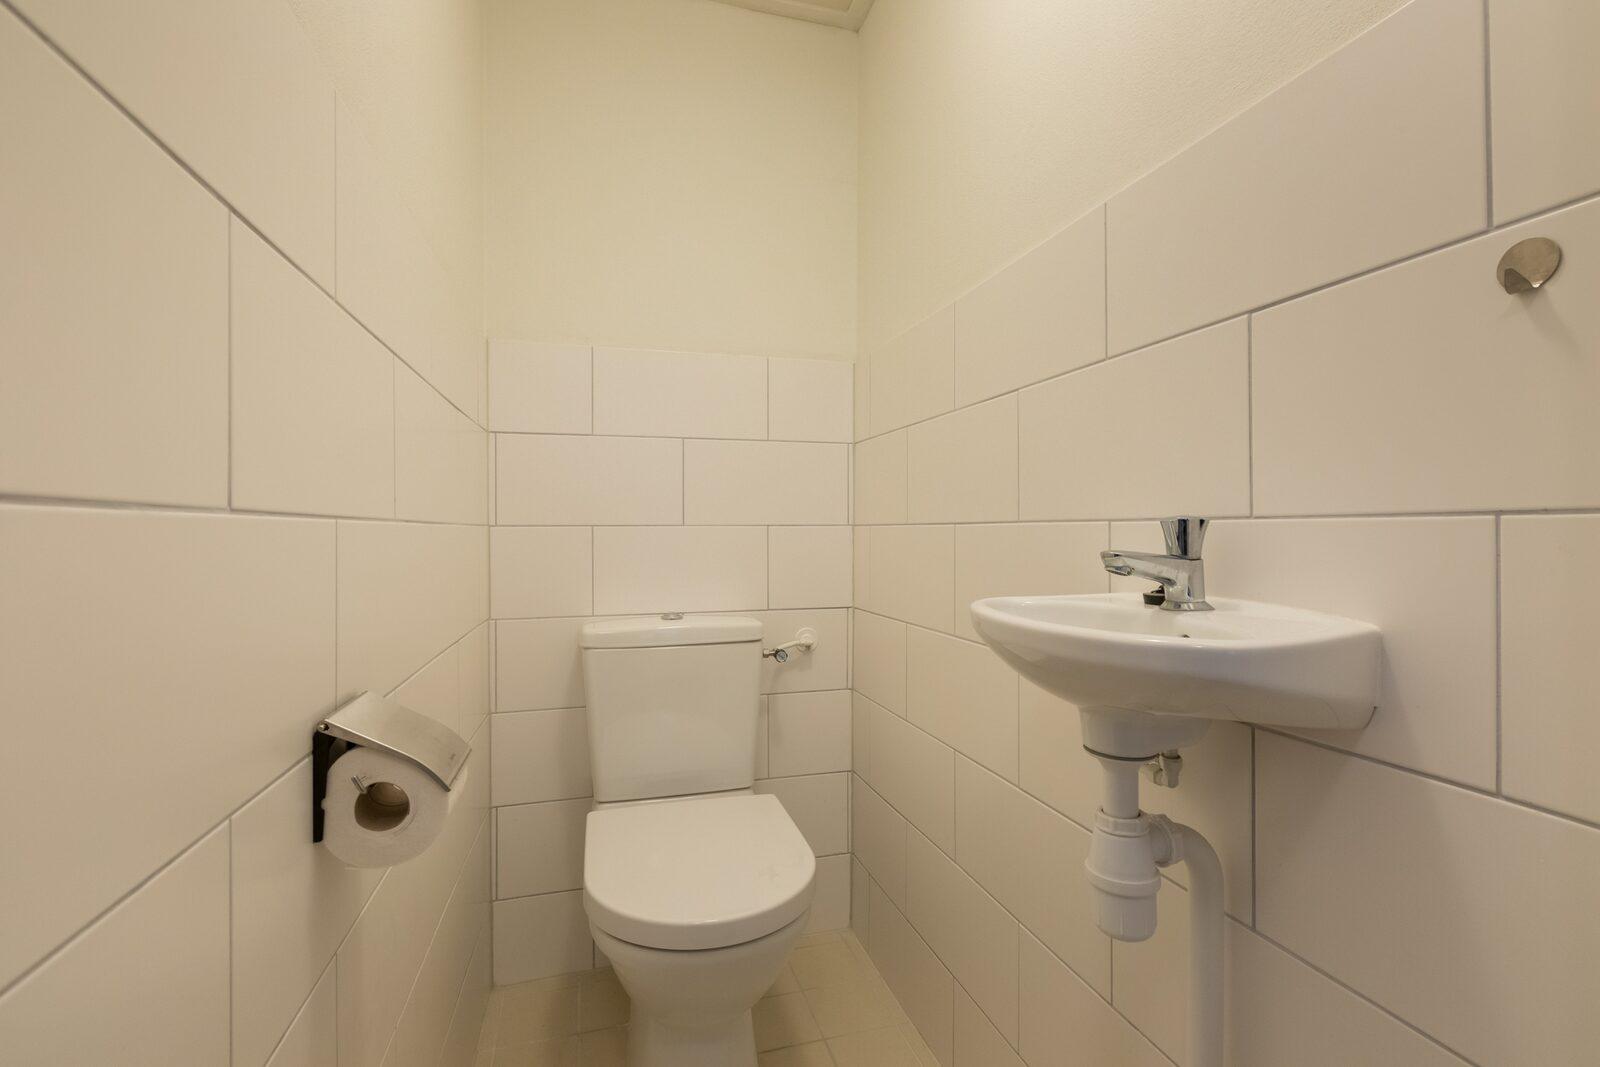 Appartment - Kievitenlaan 22 | Veere